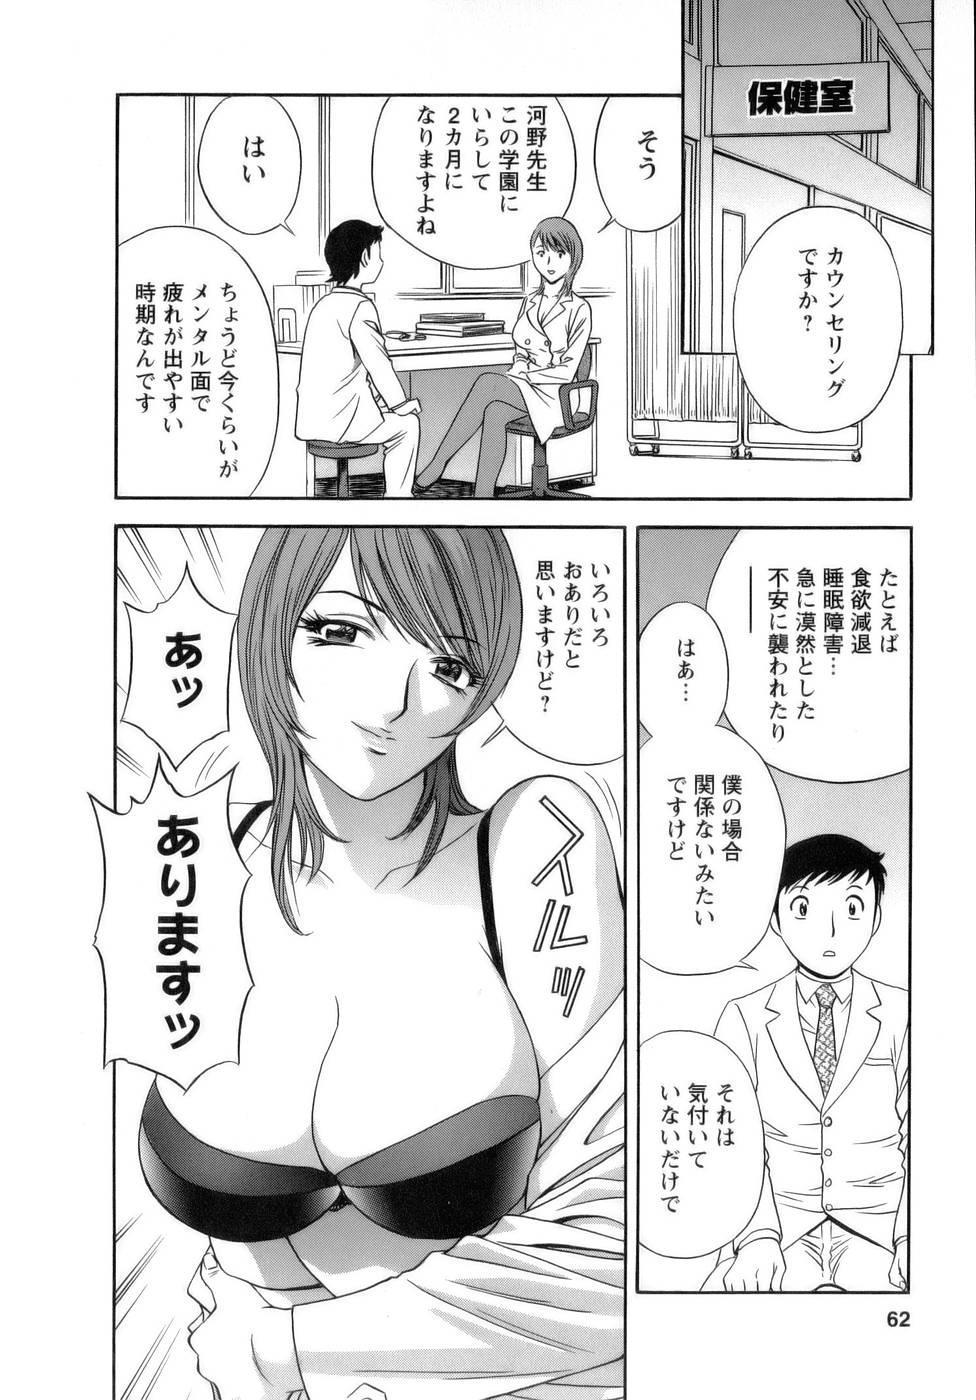 [Hidemaru] Mo-Retsu! Boin Sensei (Boing Boing Teacher) Vol.1 61